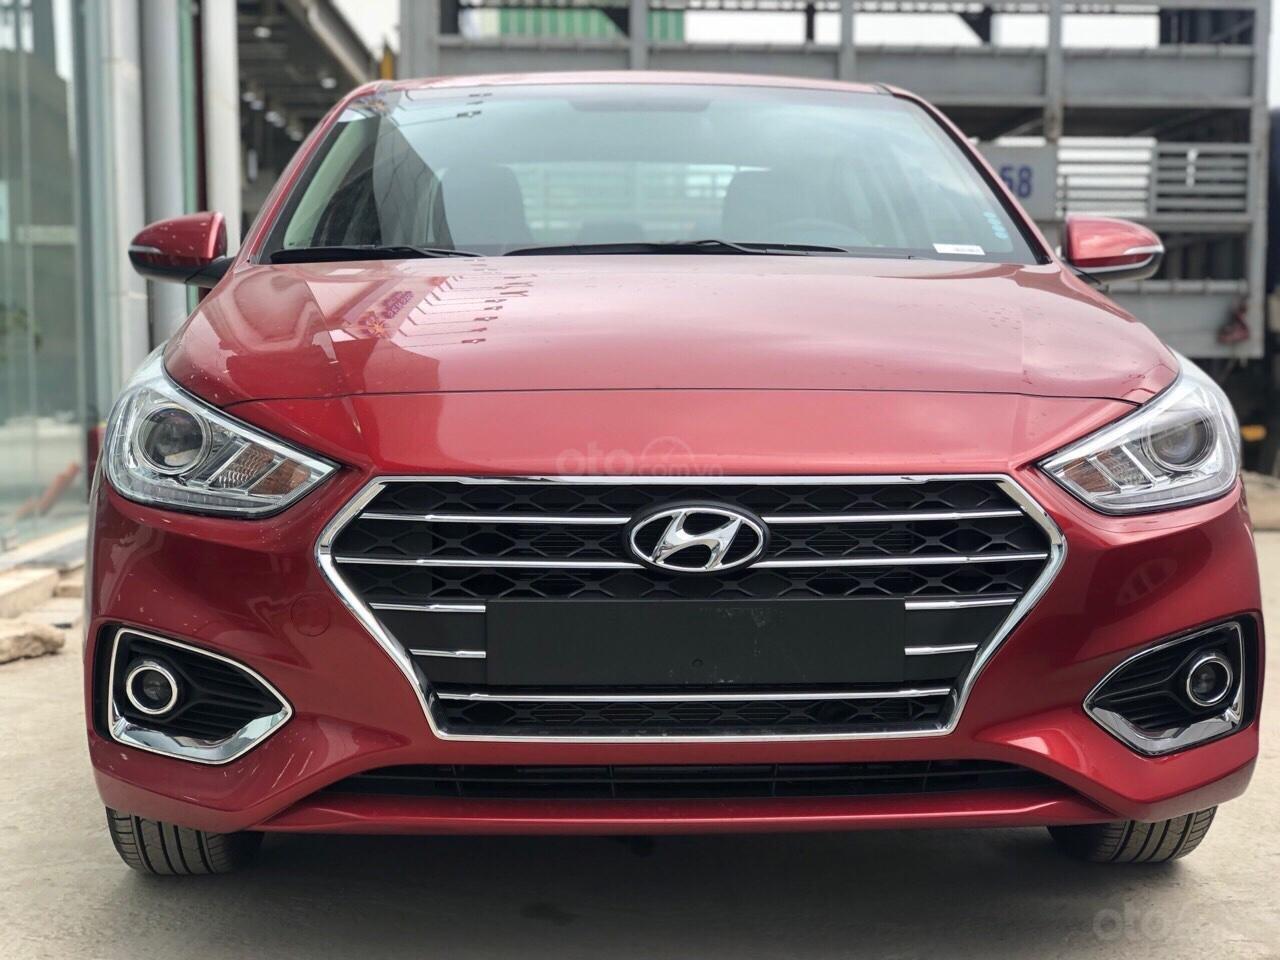 Hyundai Accent năm 2020, sẵn xe đủ màu giao ngay các bản - trả góp lên đến 85% giá trị xe - mua xe giá tốt nhất tại đây (1)